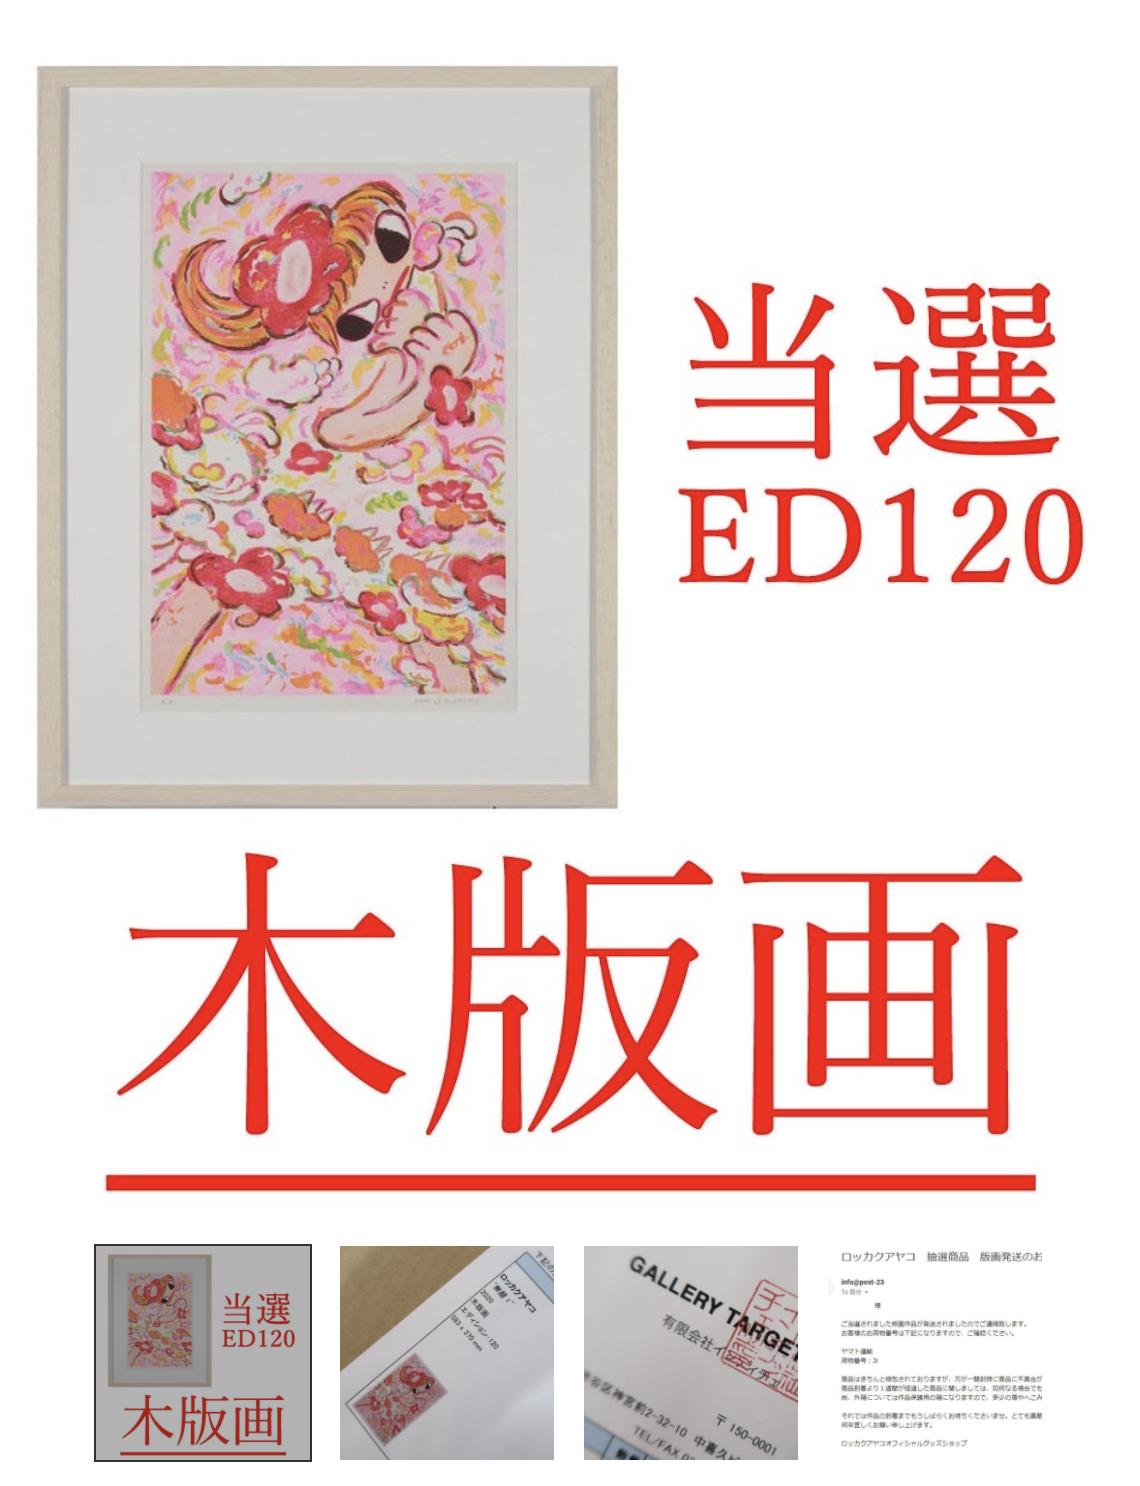 【オークション】ロッカクアヤコ「無題」木版画作品が200万円以上で落札【価格】